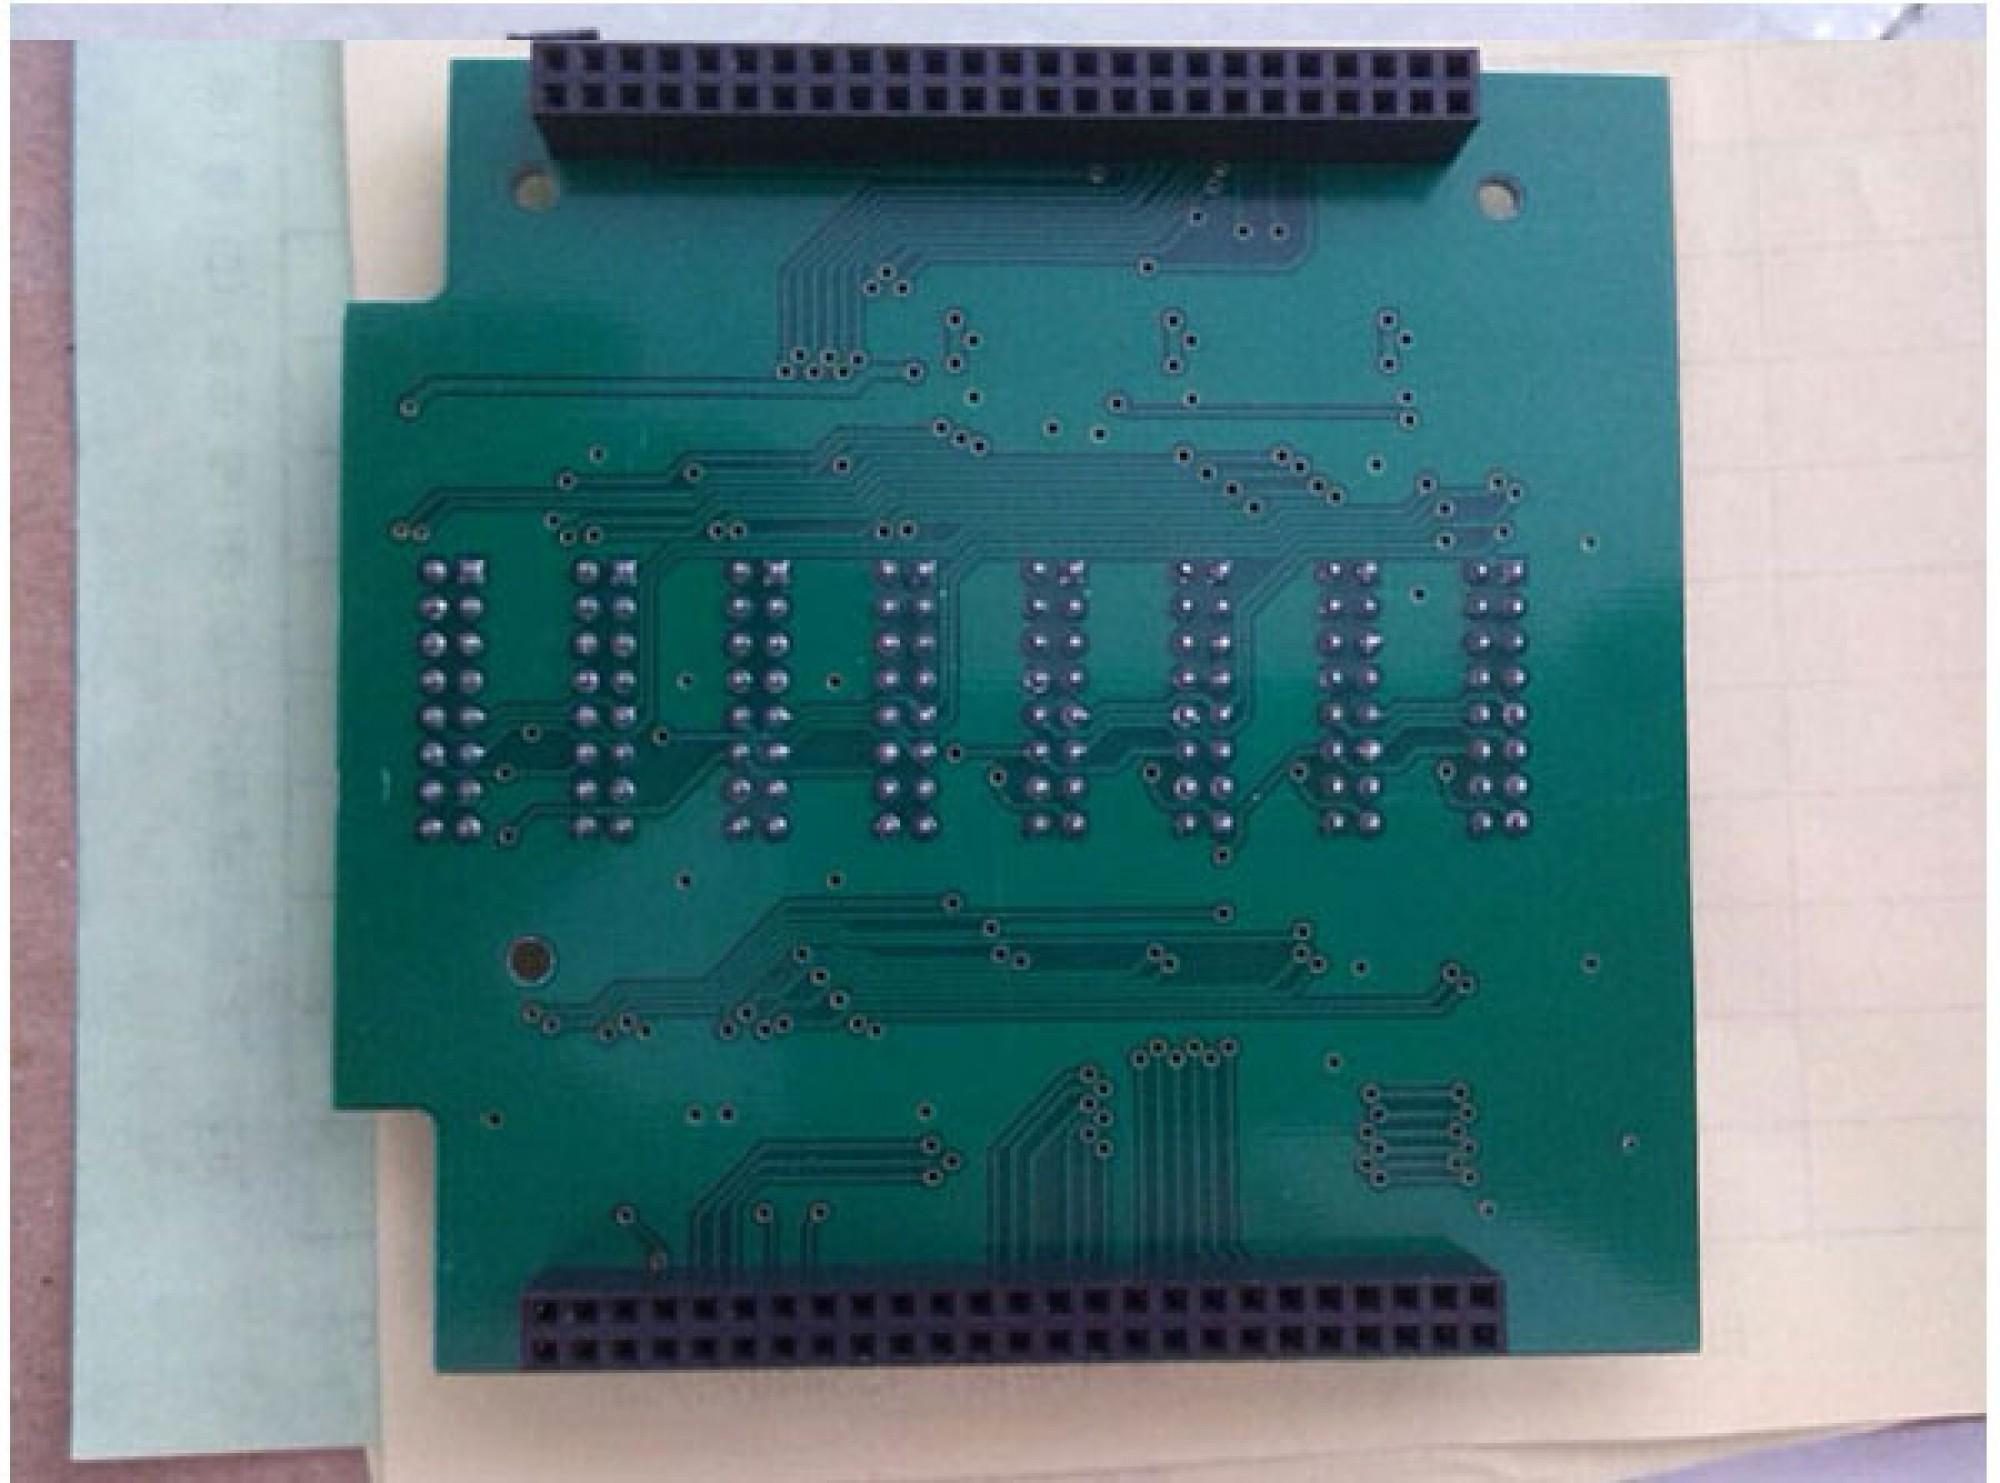 HUB75B LED Wall HUB Card